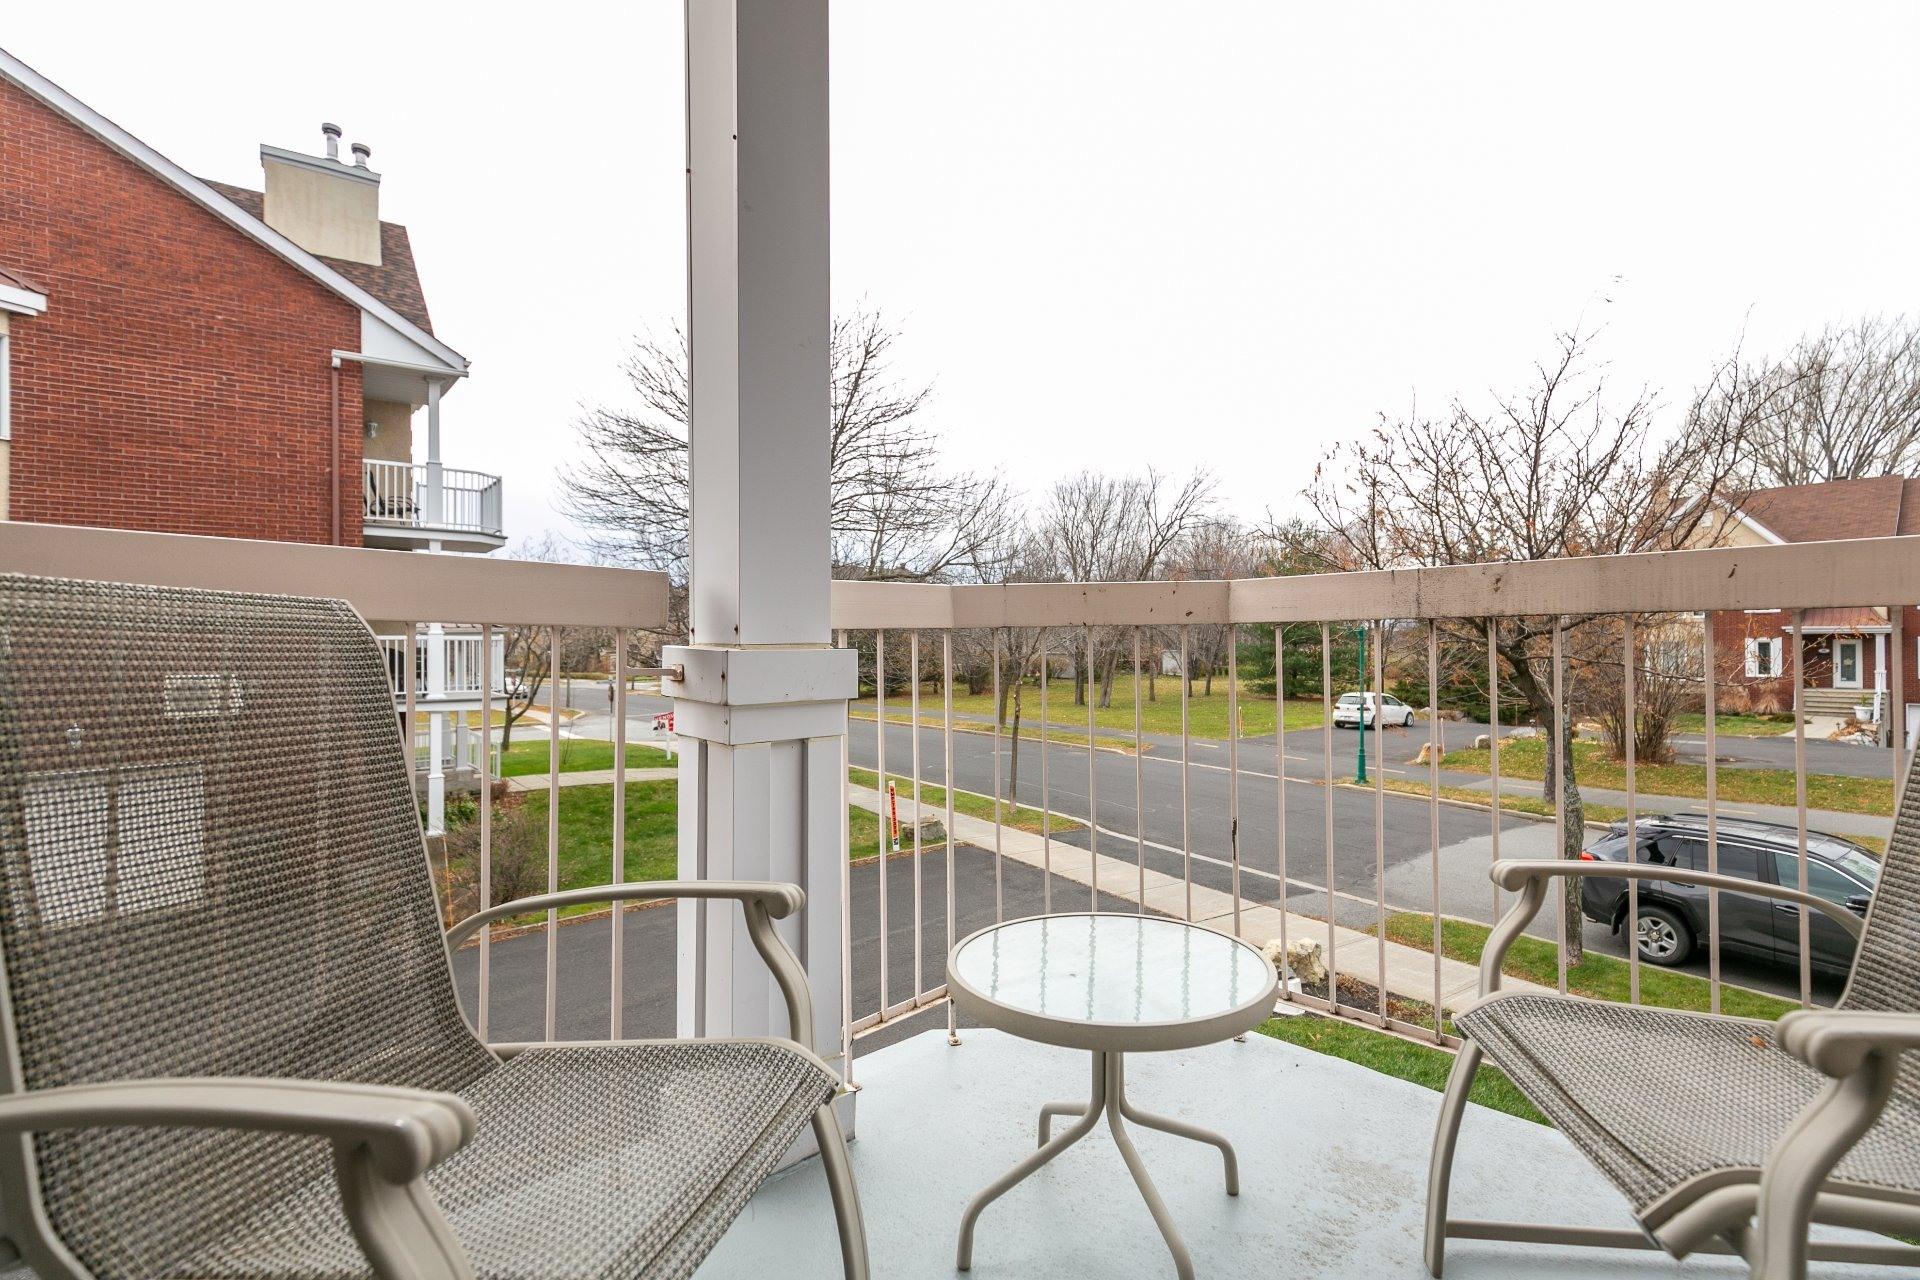 image 21 - Appartement À vendre Mont-Saint-Hilaire - 7 pièces